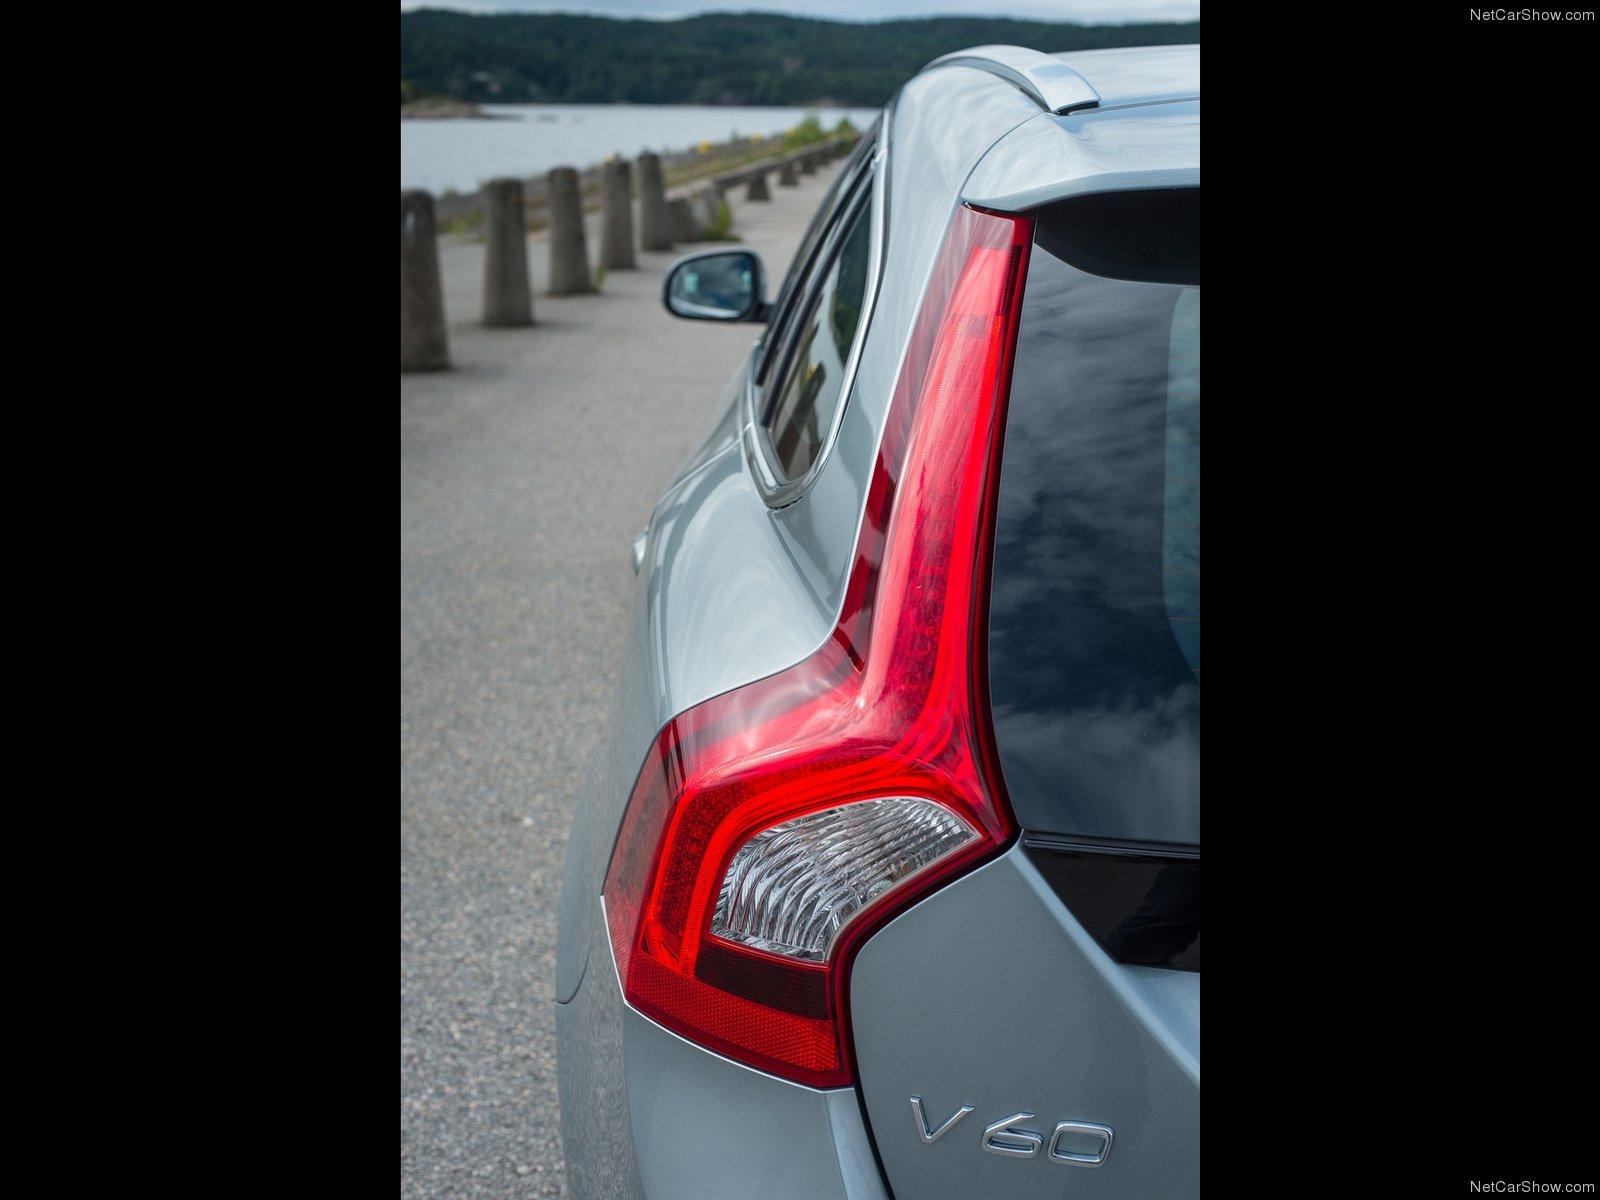 Volvo V60 2014 Volvo-V60-2014-1600-2a